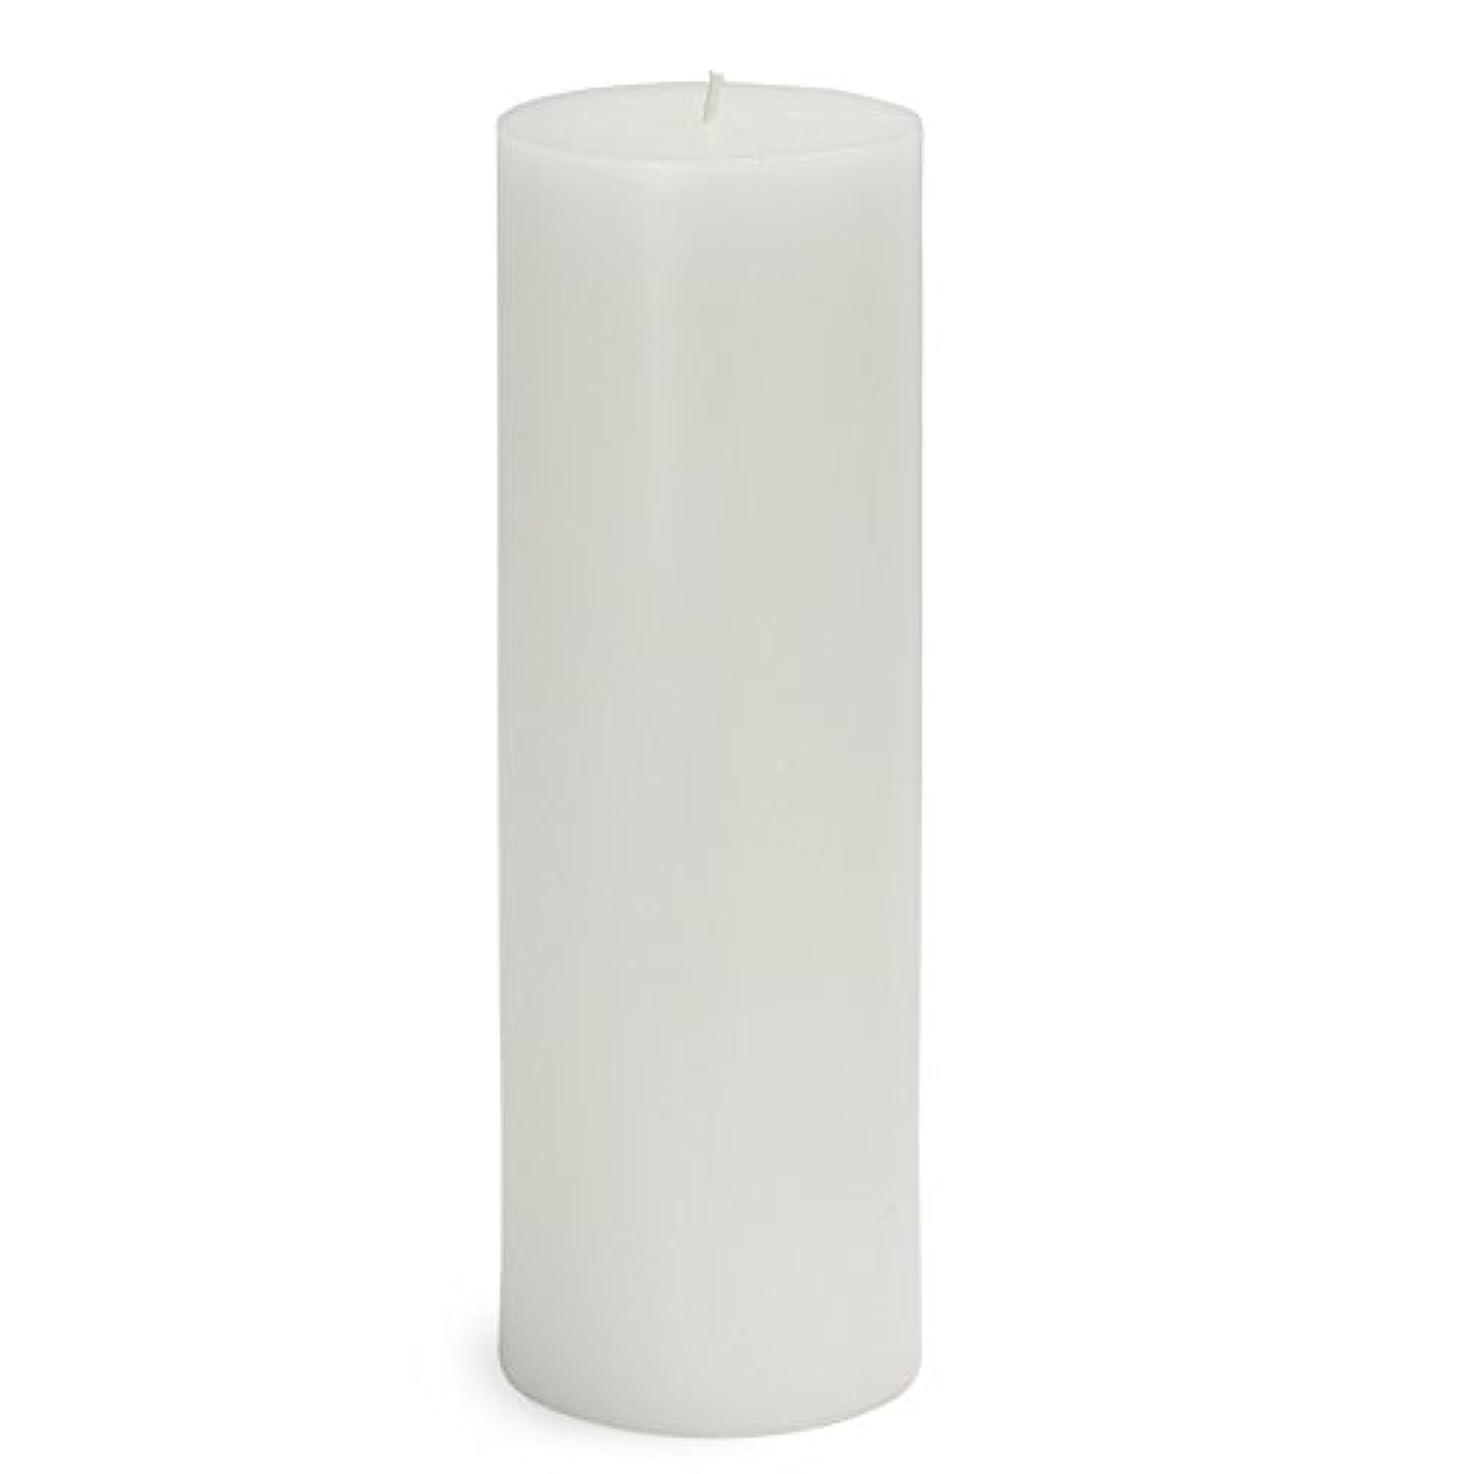 誓約スーパーマーケットカニZest Candle CPZ-093-12 3 x 9 in. White Pillar Candles -12pcs-Case - Bulk